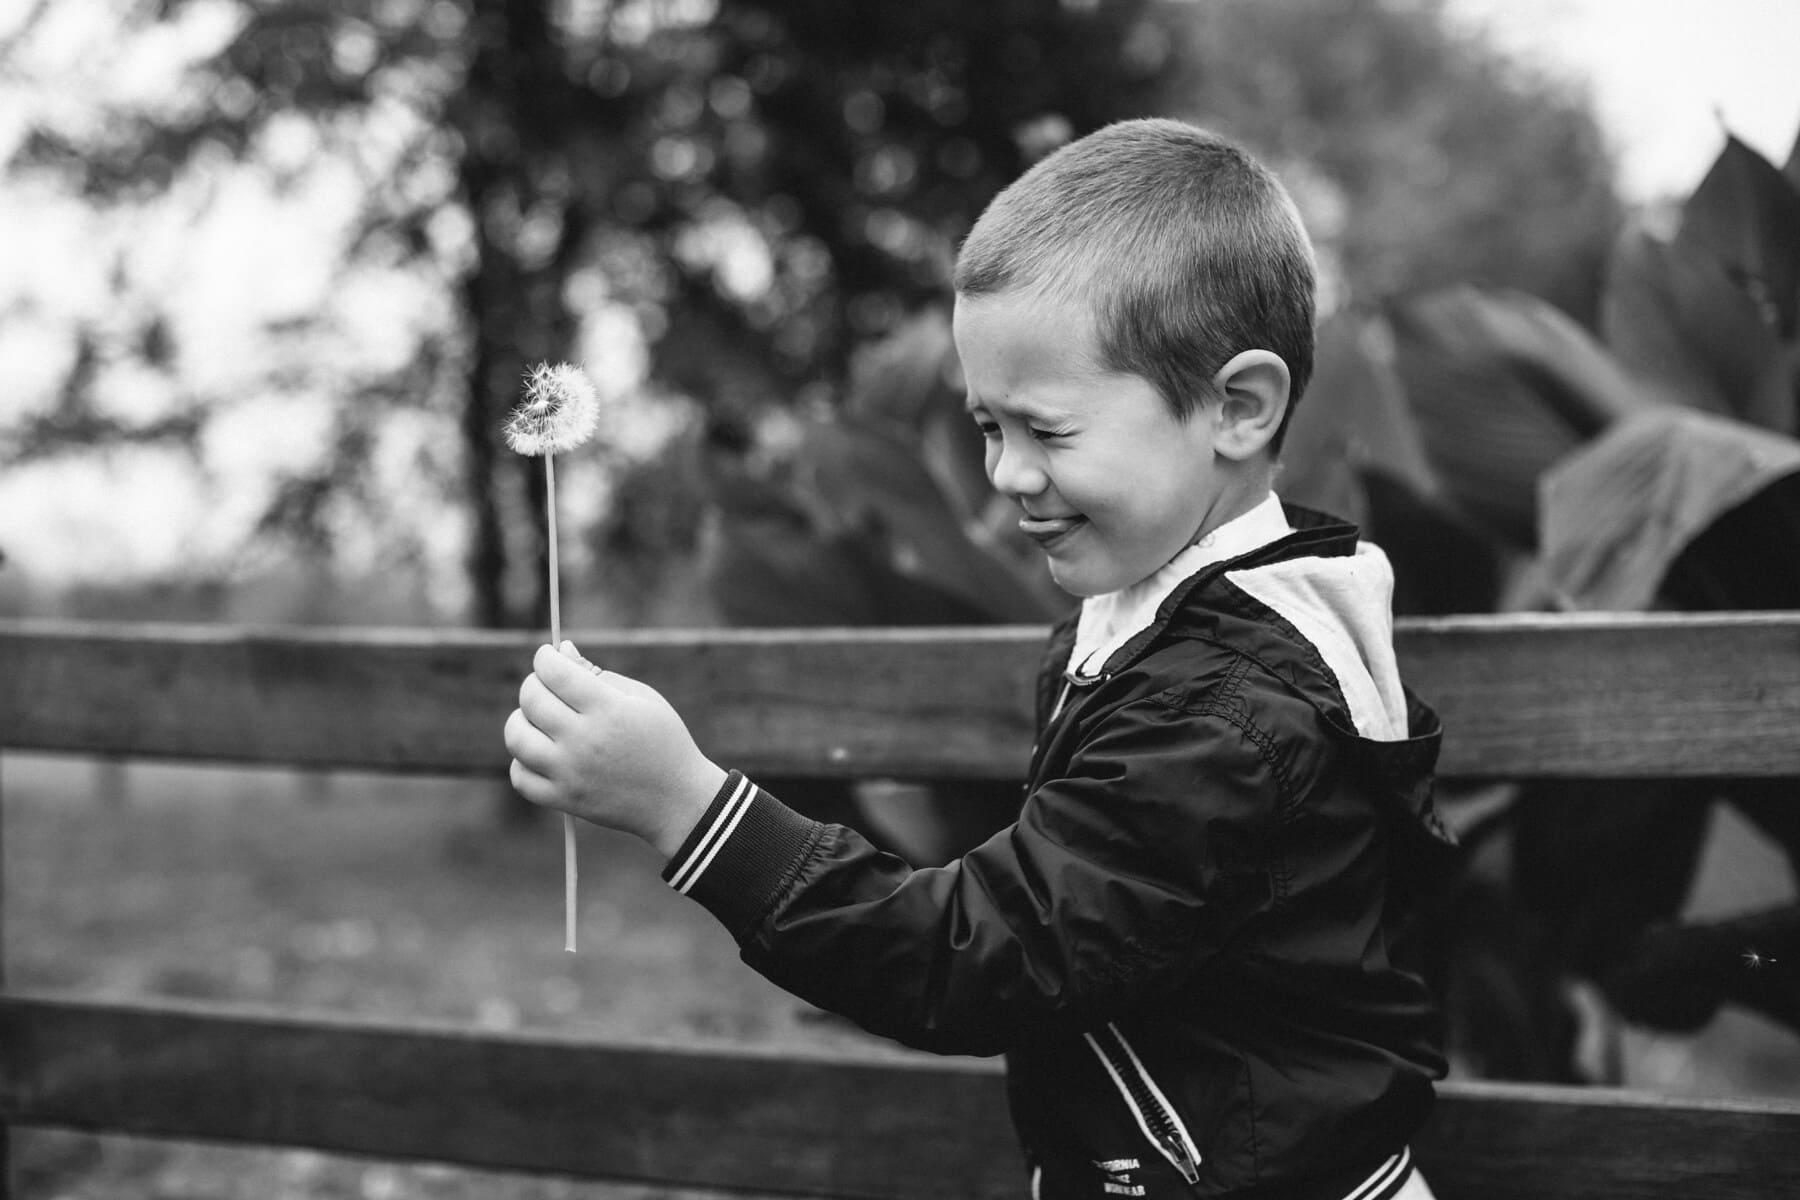 chlapec, pampeliška, foukání, černá a bílá, dítě, černobílý tisk, portrét, venku, rekreace, koncentrace